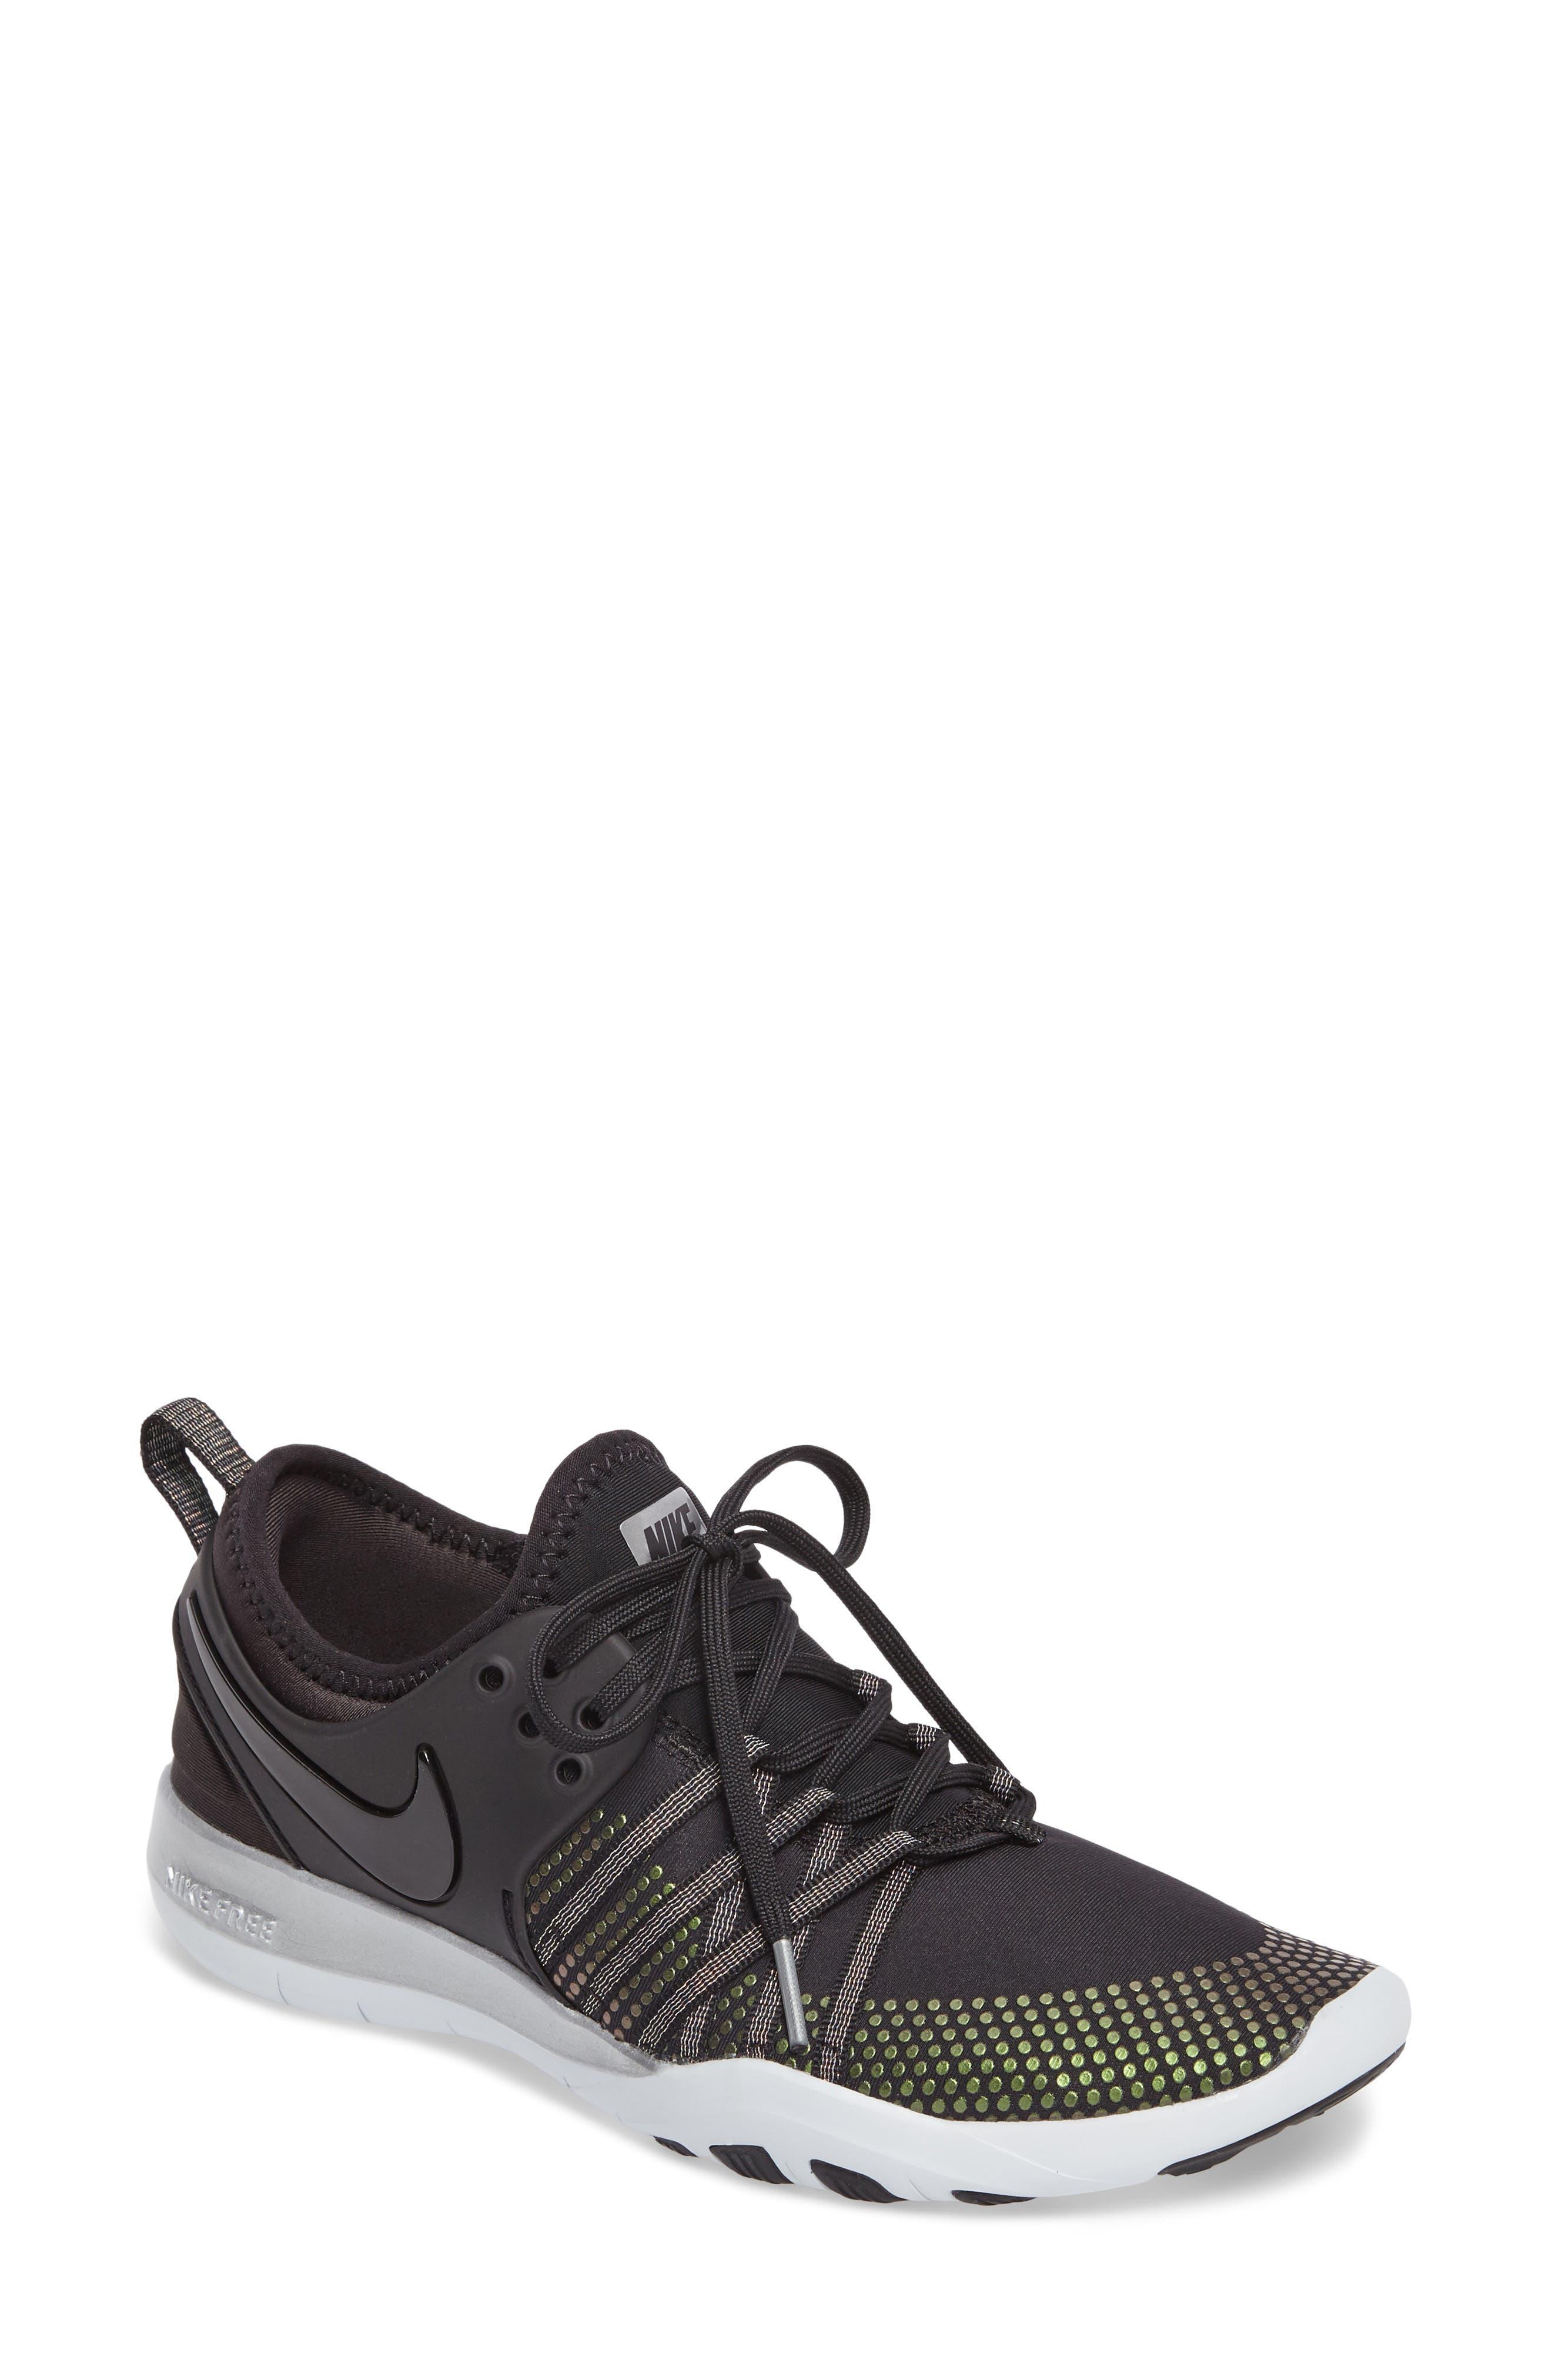 Free TR 7 Metallic Training Shoe,                             Main thumbnail 1, color,                             Black/ Black/ Pure Platinum